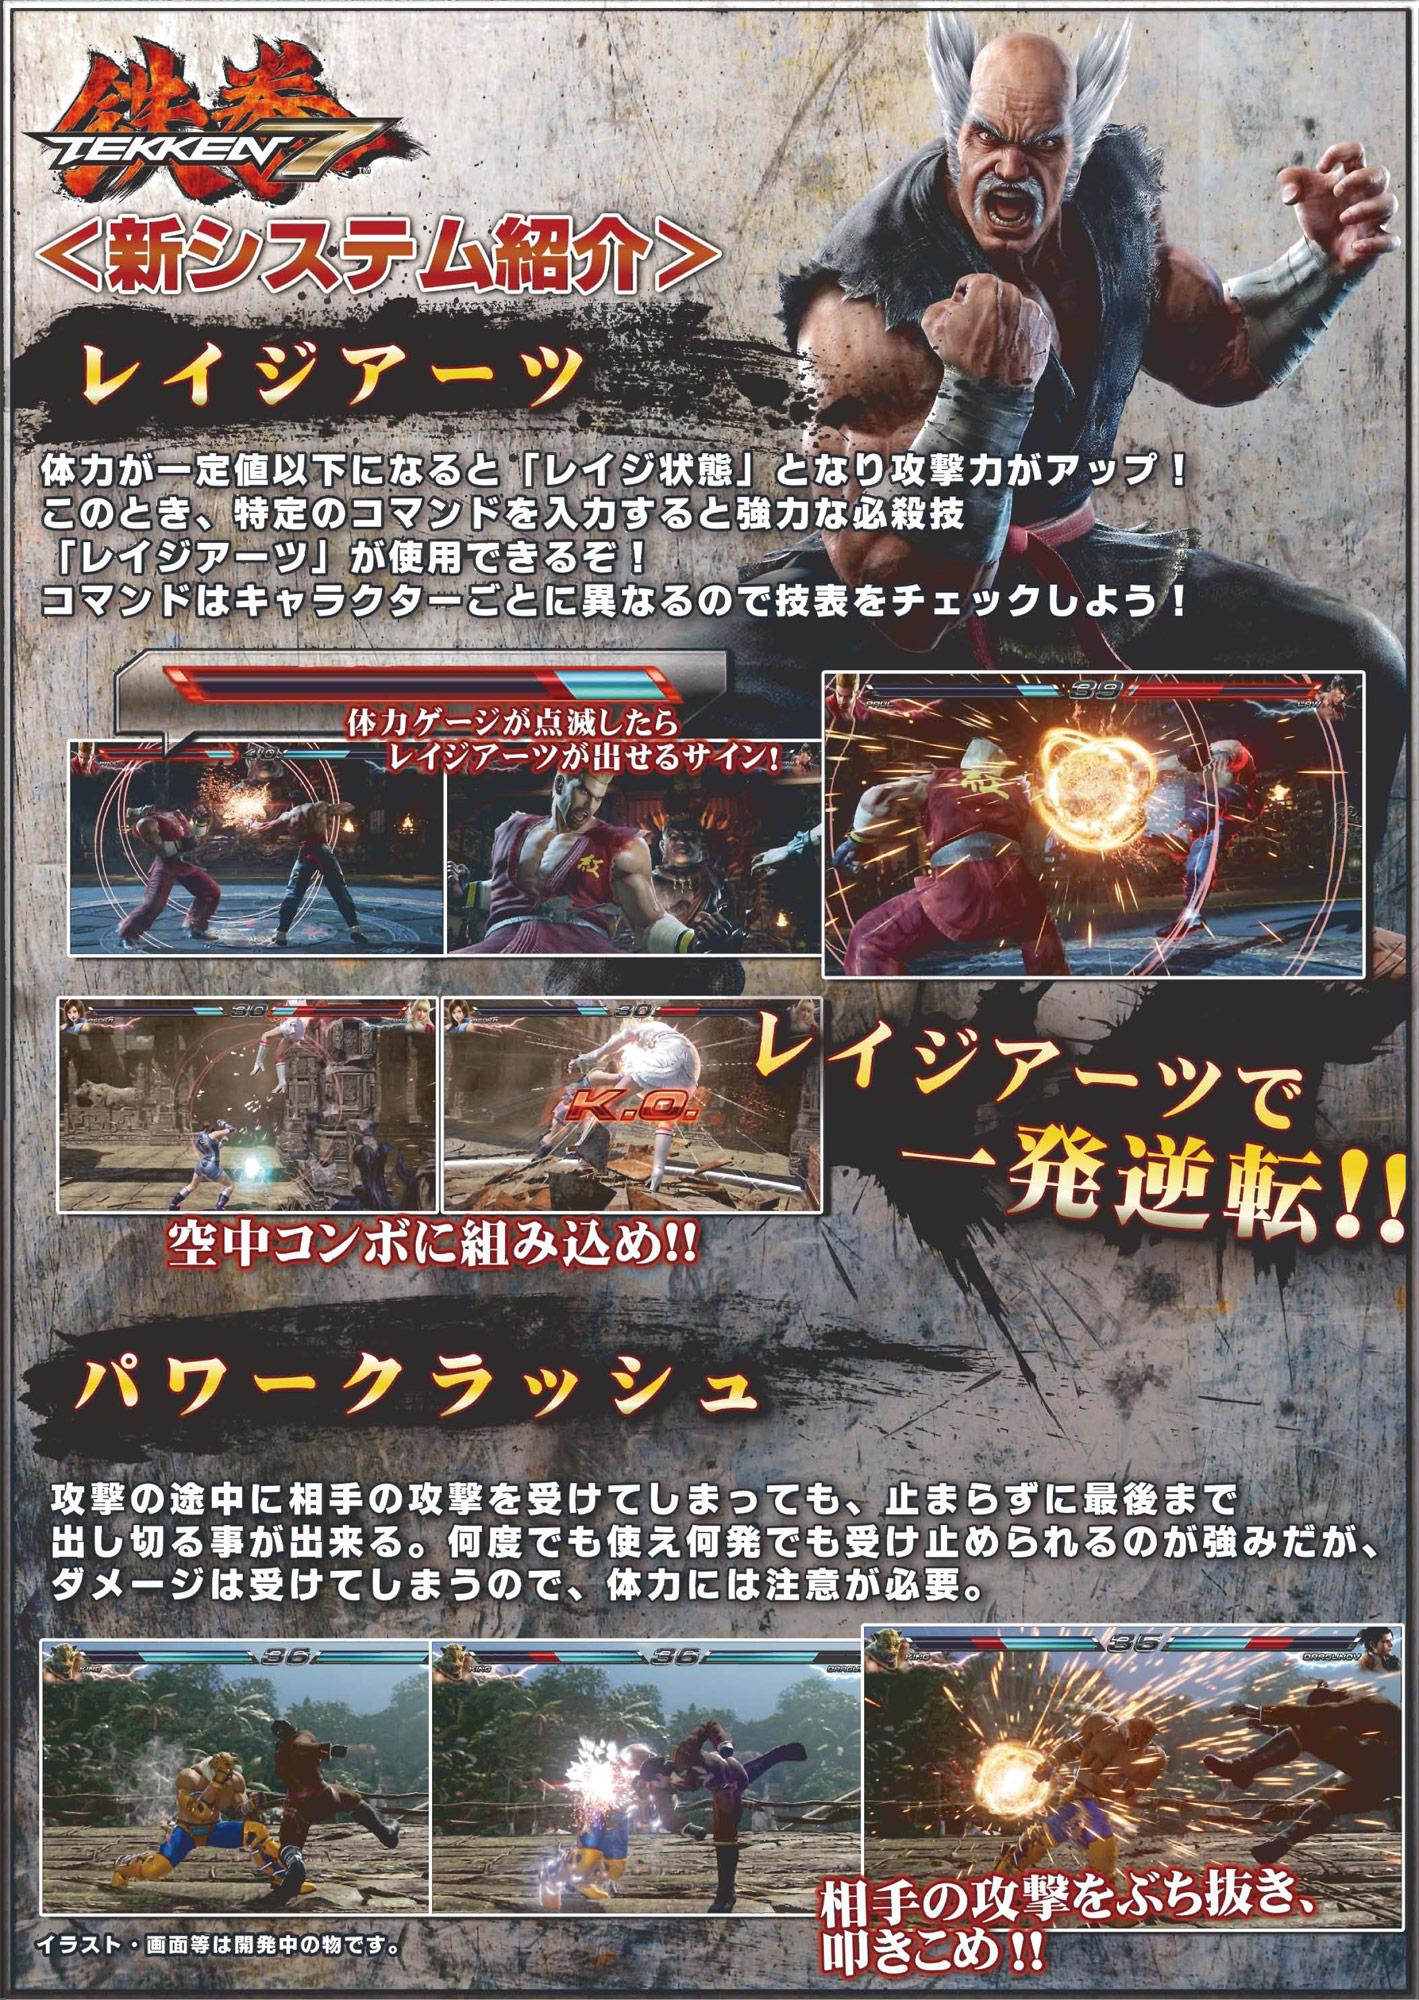 Tekken 7 Official